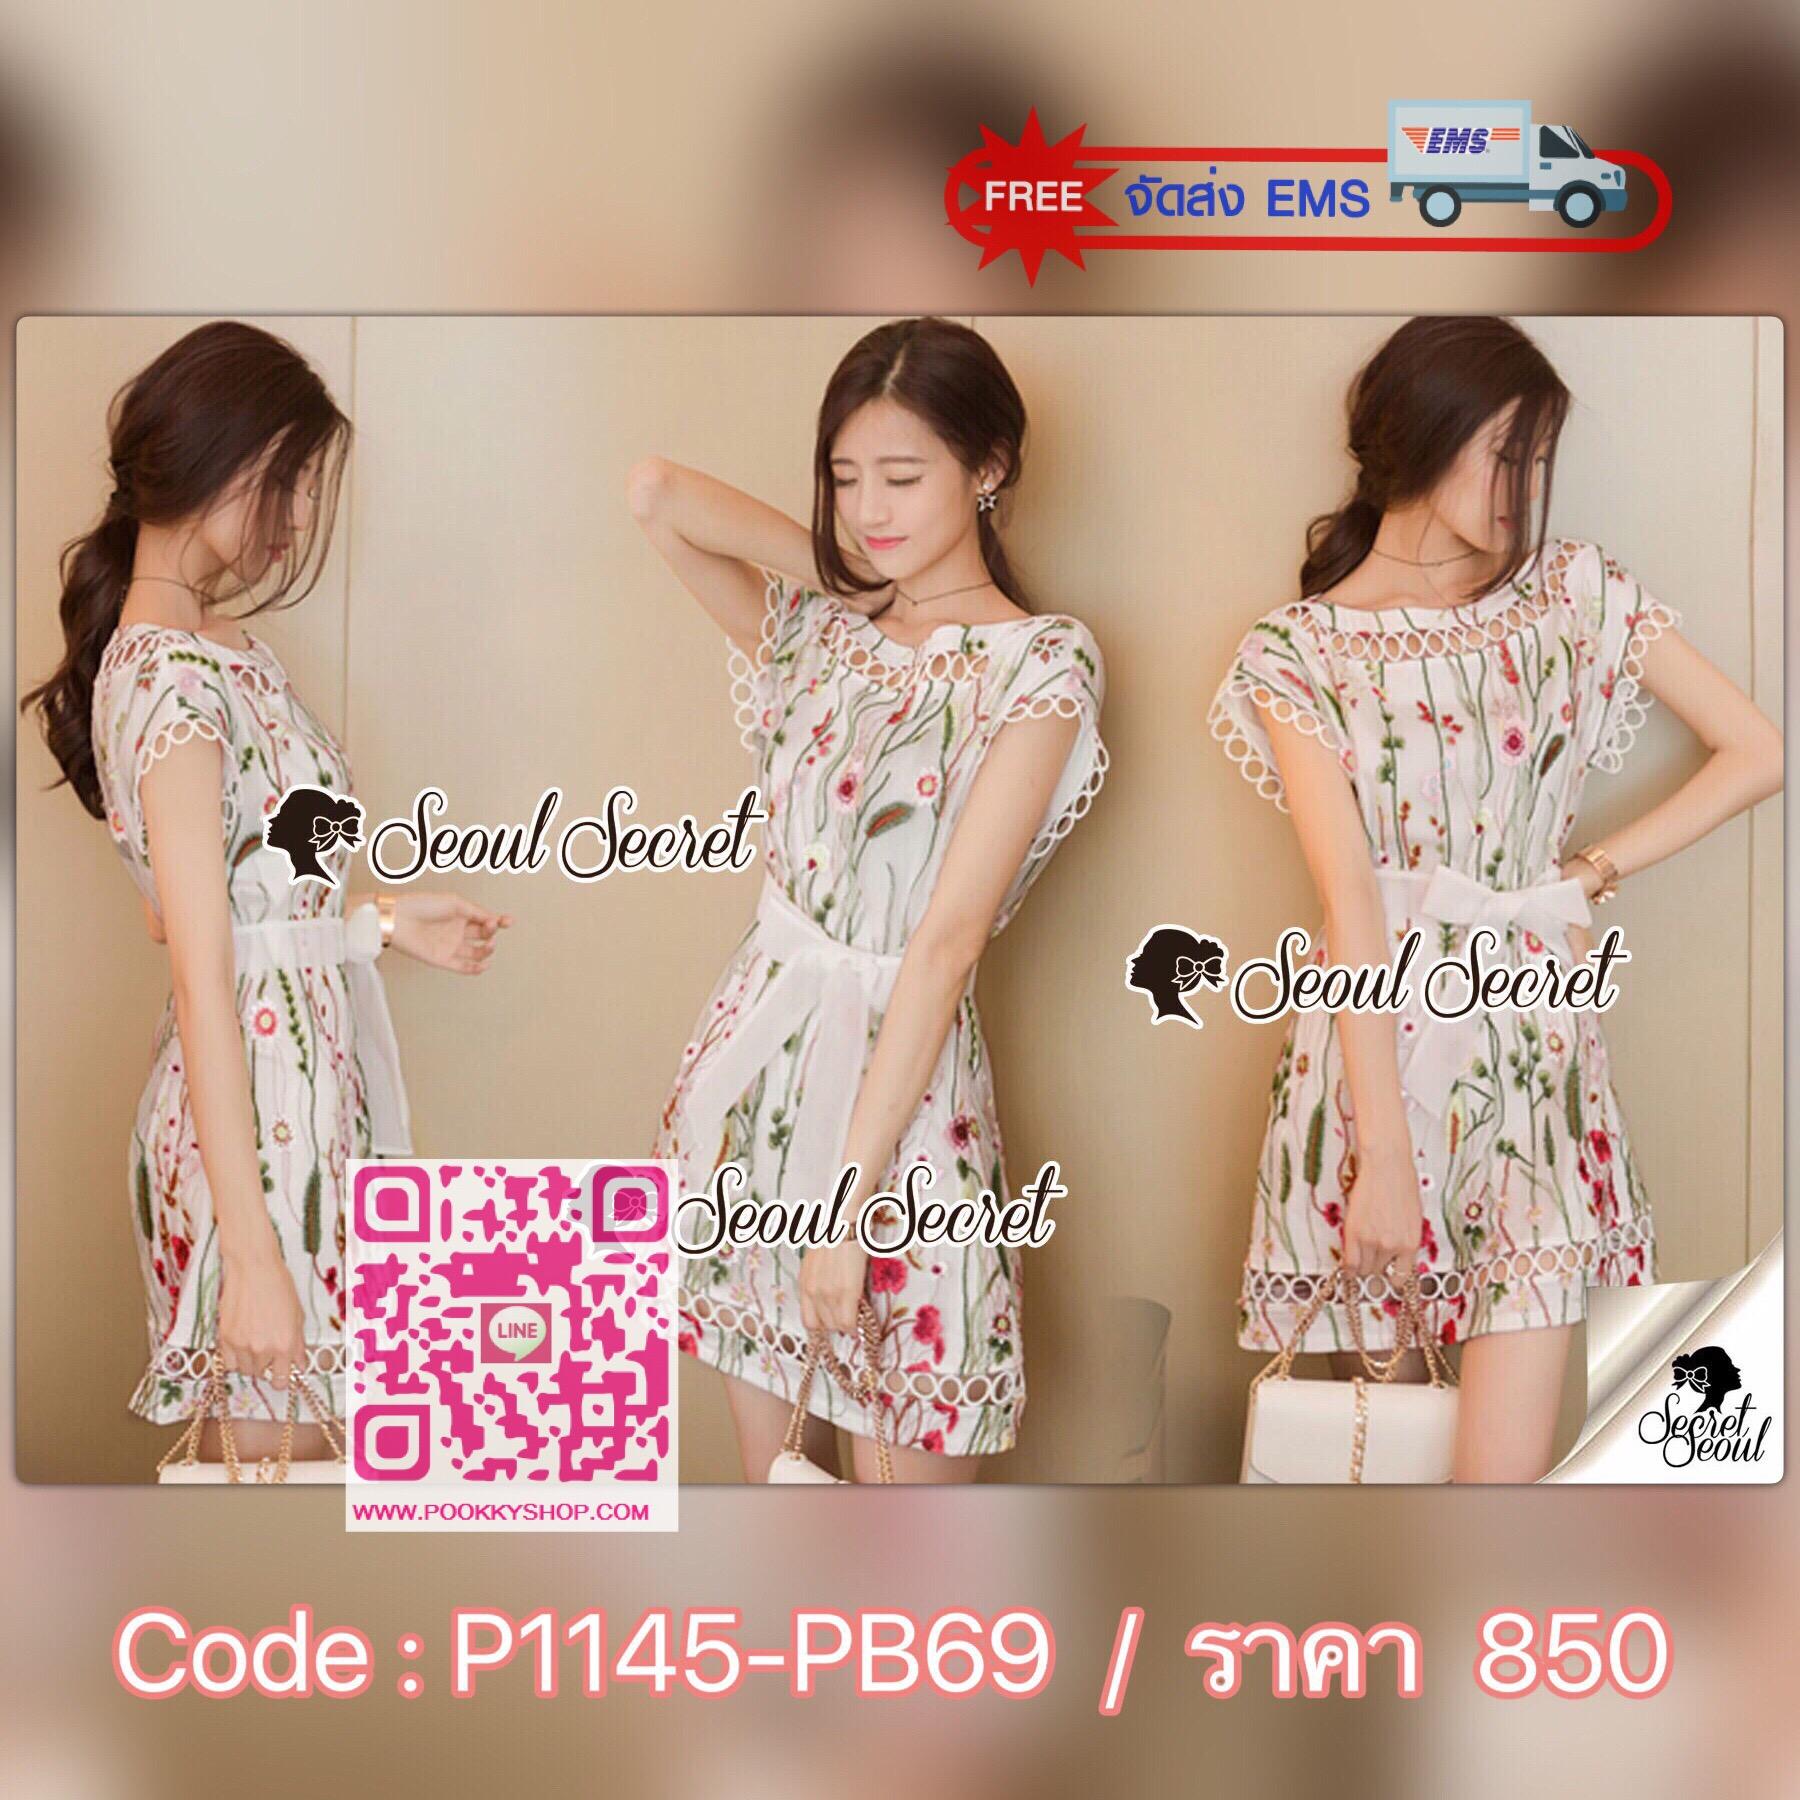 Seoul Secret Say's... Lady Flora Color Stick Sweet Dress Material : งานเดรสงานสวยด้วยเนื้อผ้าเน็ทโพลีเอสเตอร์ปักลายดอกไม้ทั้งตัว ดอกไม้สีสดใสน่าใส่มากคะ ทรงสวยใส่สบาย มีดีเทลสวยๆ ด้วยงานเย็บแต่งด้วยผ้าลูกไม้ทอลายวงกลม เย็บแต่งที่ช่วงคอ ชายเดรสและชายแ